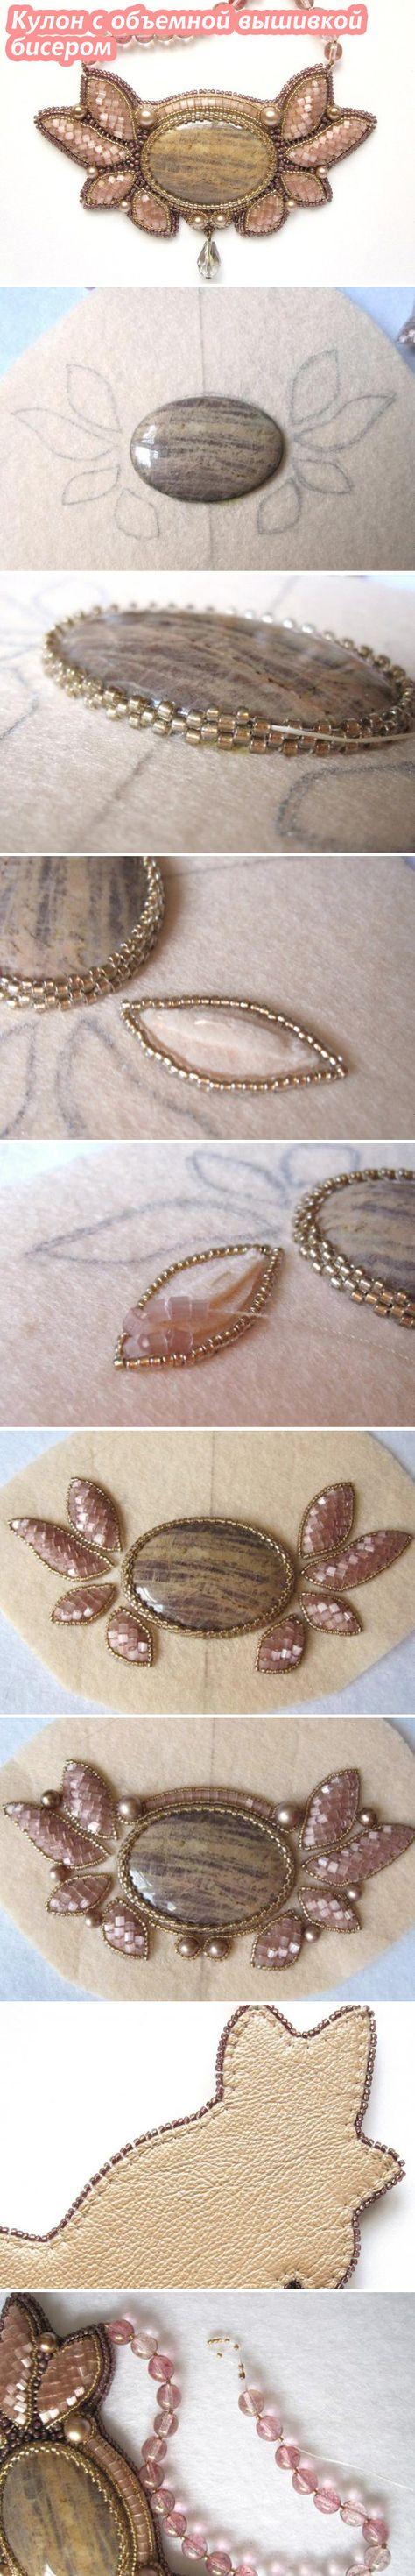 Создание кулона с использованием объемной вышивки / Beaded Pendant Tutorial #bead #embroidery #jewelry #diy